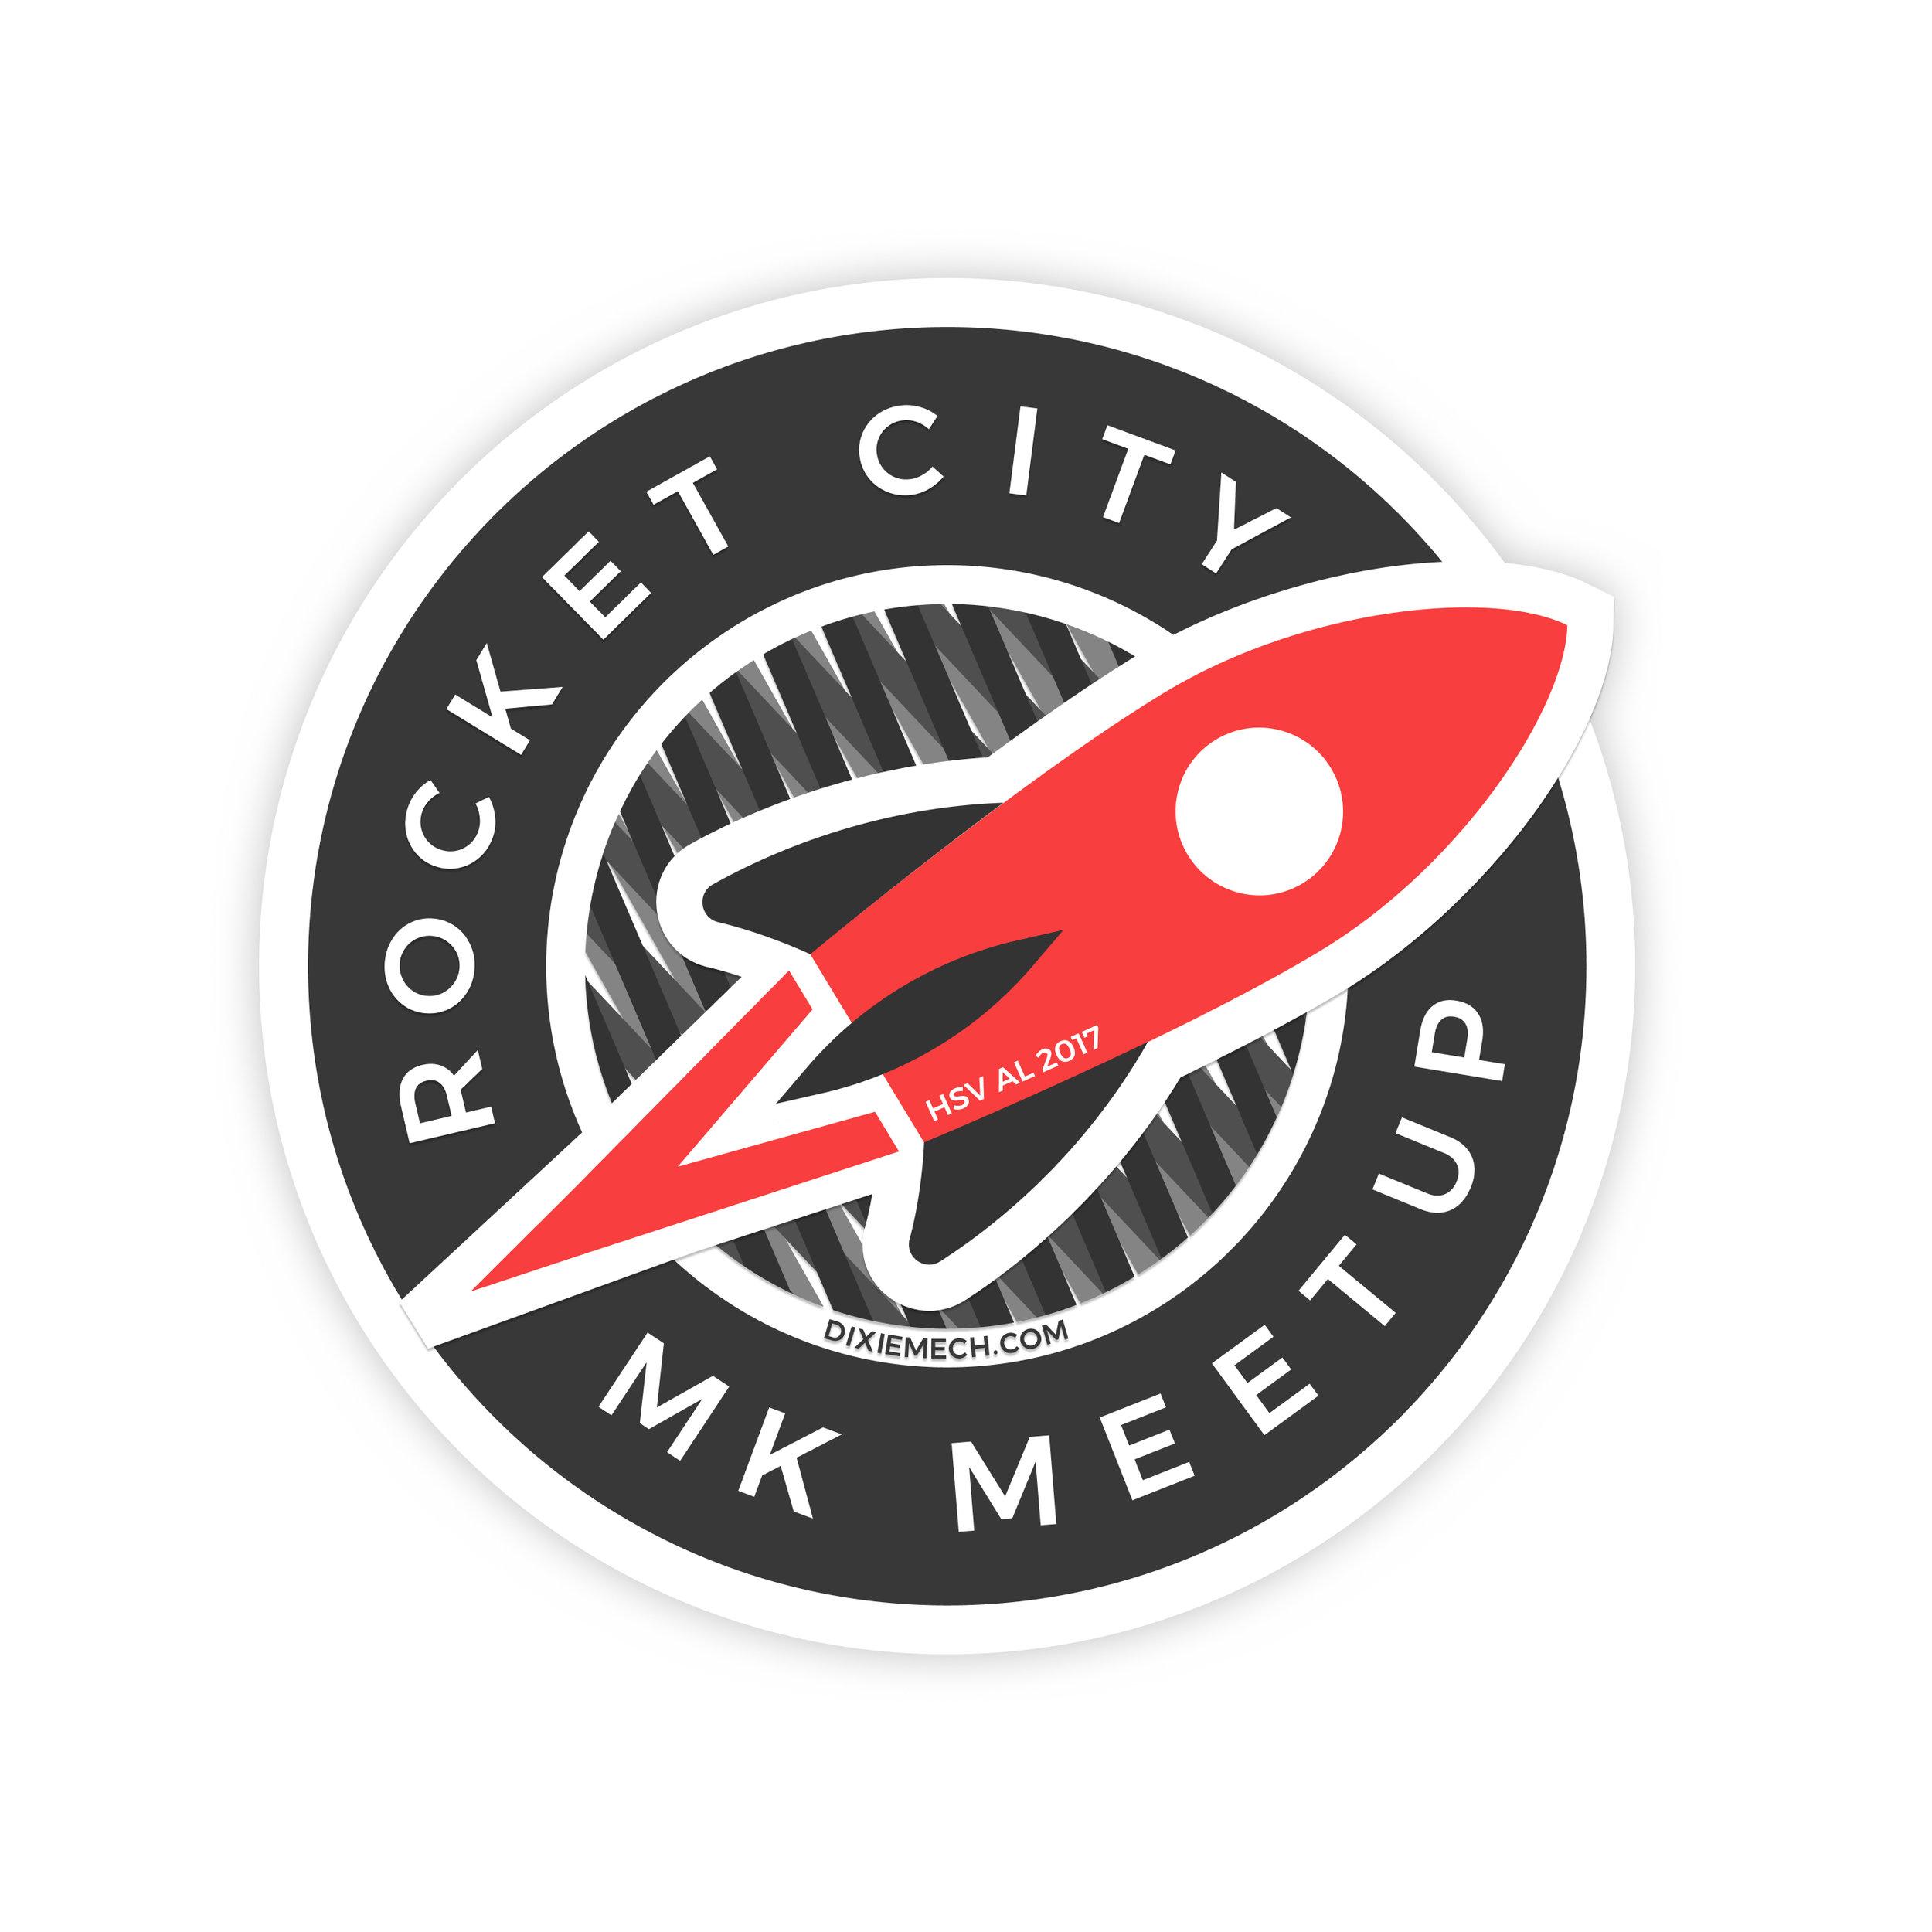 HSV Meetup Sticker.jpg